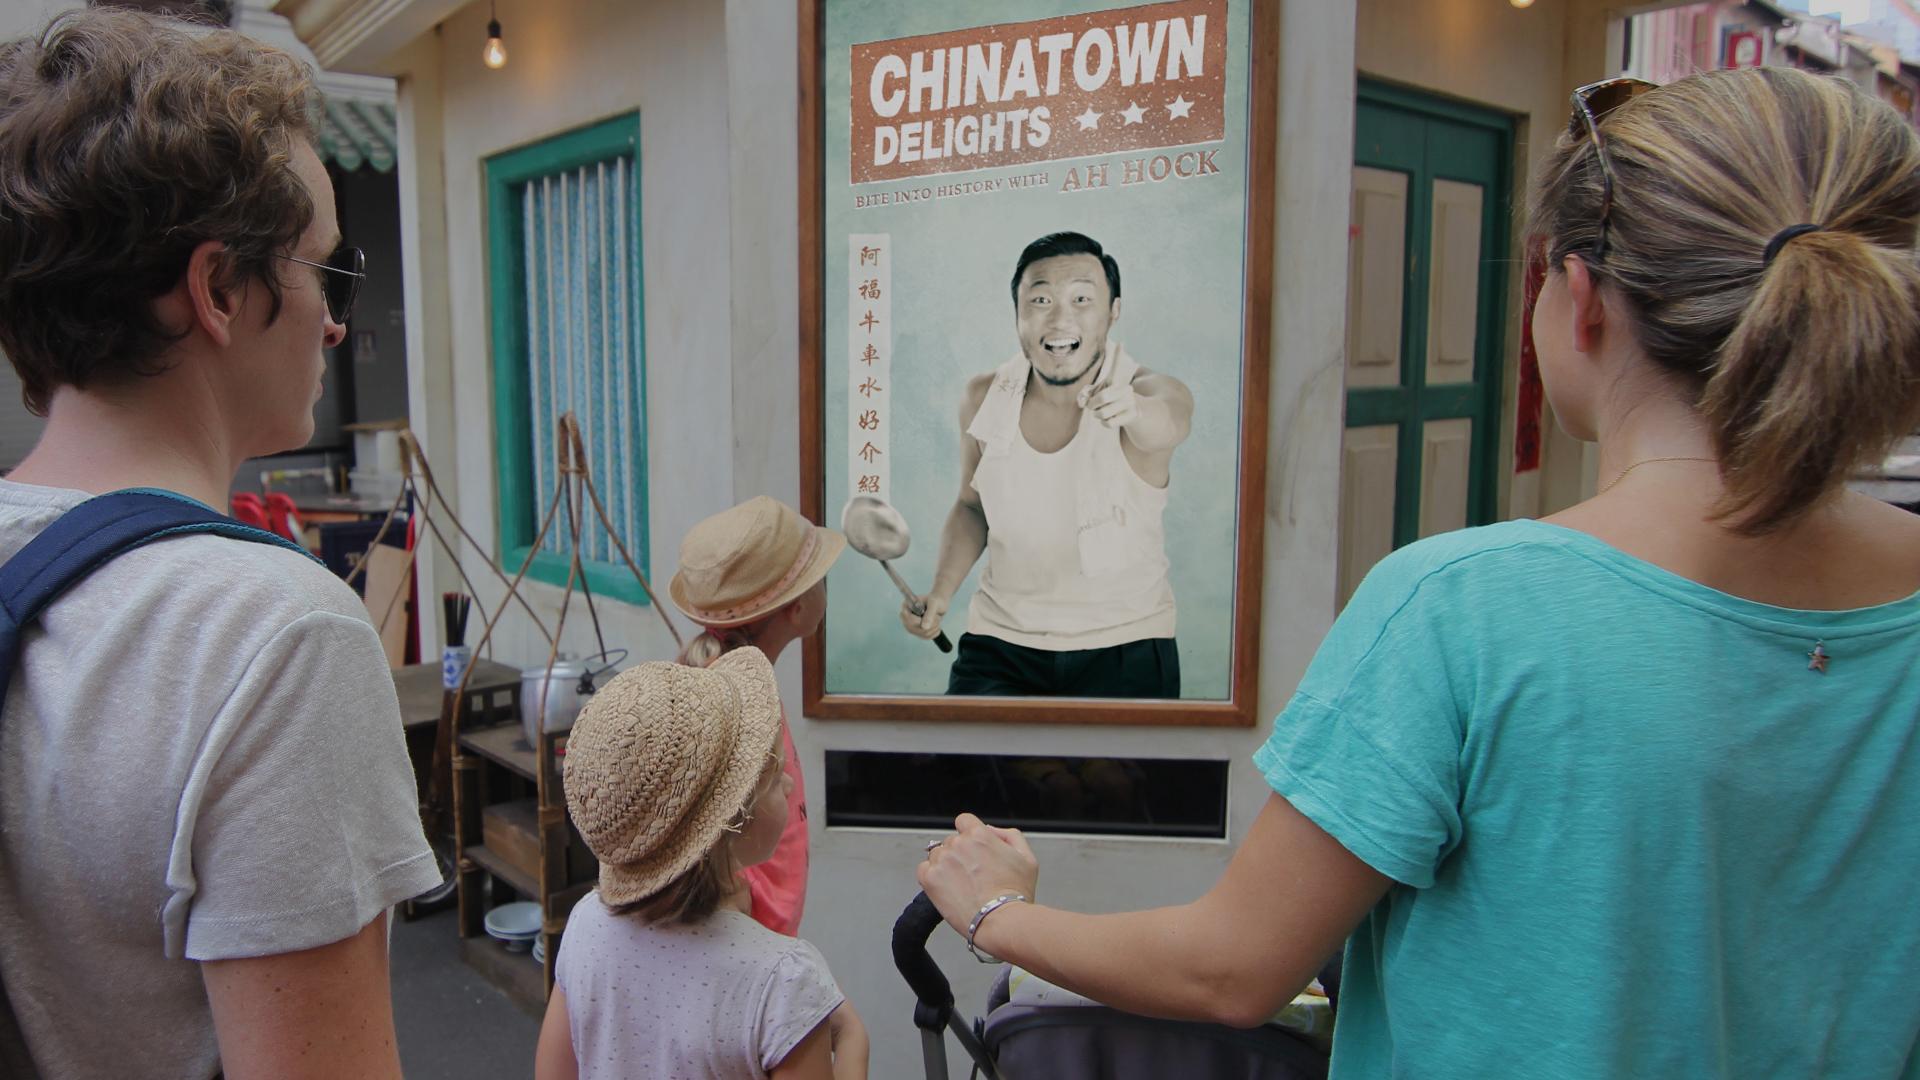 Chinatown Comes Alive